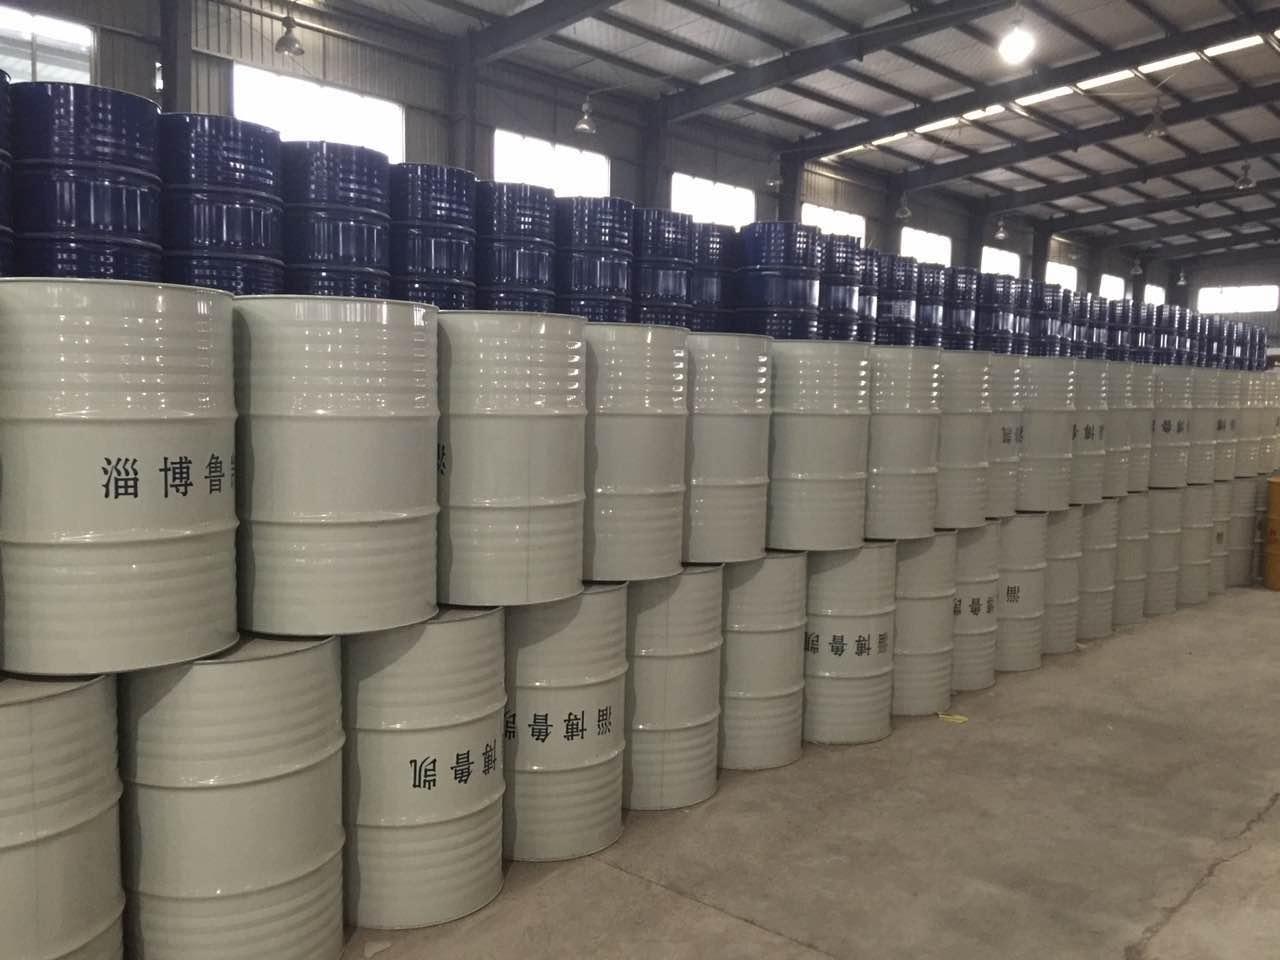 衡山县200l塑料桶厂山梨醇食品桶定制铁桶